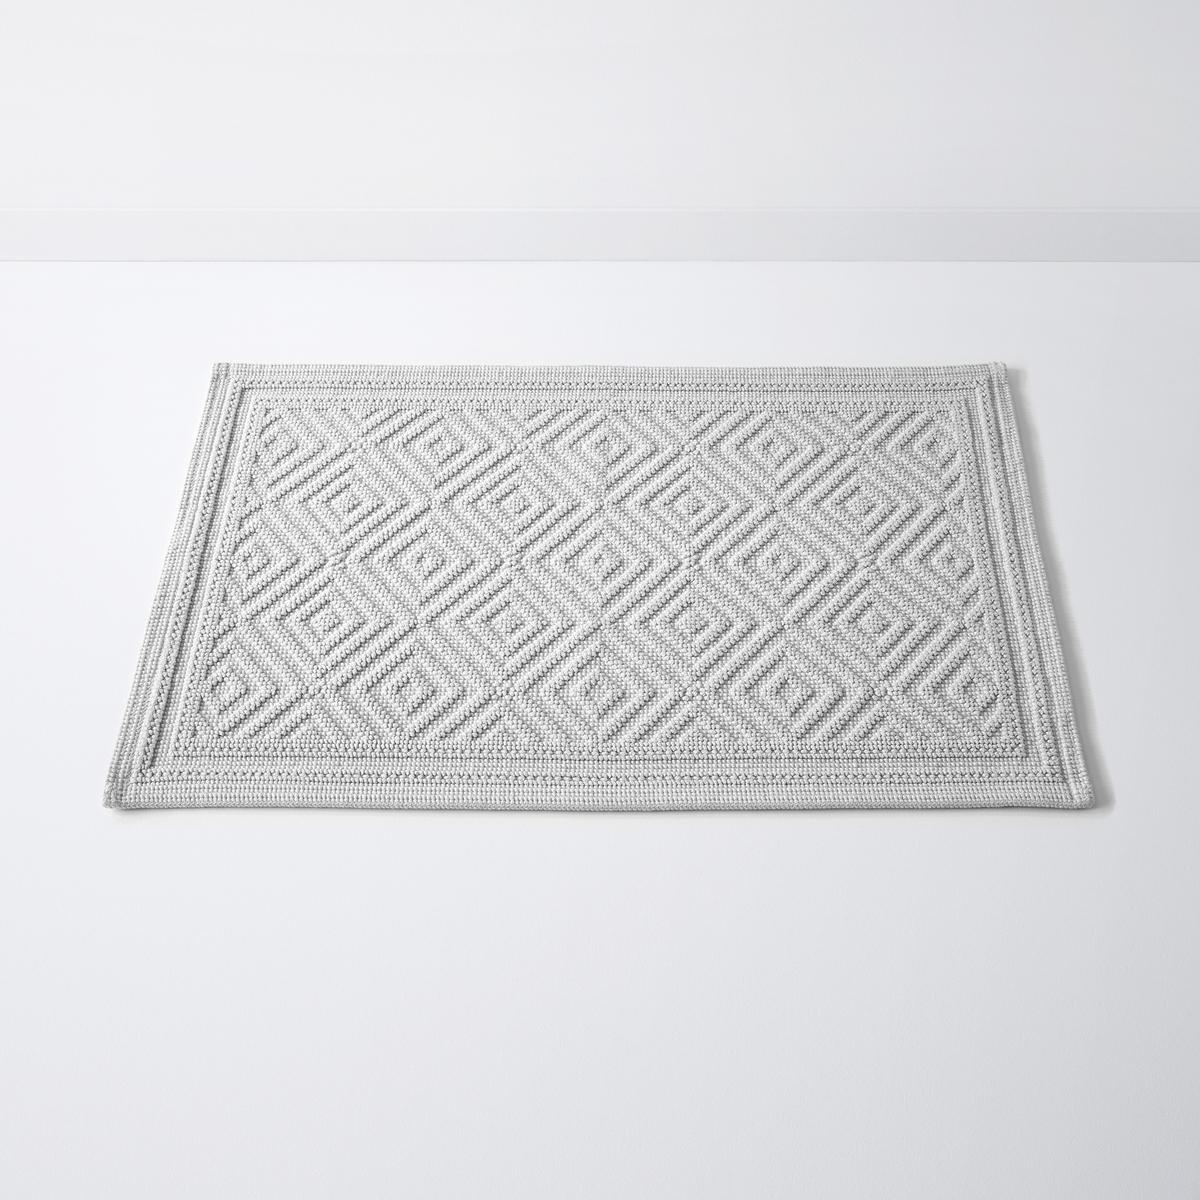 Коврик для ванной с рельефным рисункомCAIRO, 100% хлопок (1500 г/м?)Коврик для ванной CAIRO, качество Best, с рельефным рисунком,100% хлопок. Рельефный рисунок - одновременно графичный и изысканный - украшает этот коврик для ванной CAIRO, качество Best.Характеристики:Материал: 100% хлопок (1500 г/м?).Противоскользящее покрытие с изнанки.Уход:Машинная стирка при 60°С.Размеры:50 x 70 см.<br><br>Цвет: голубой бирюзовый,серый<br>Размер: 50 x 80  см.50 x 80  см